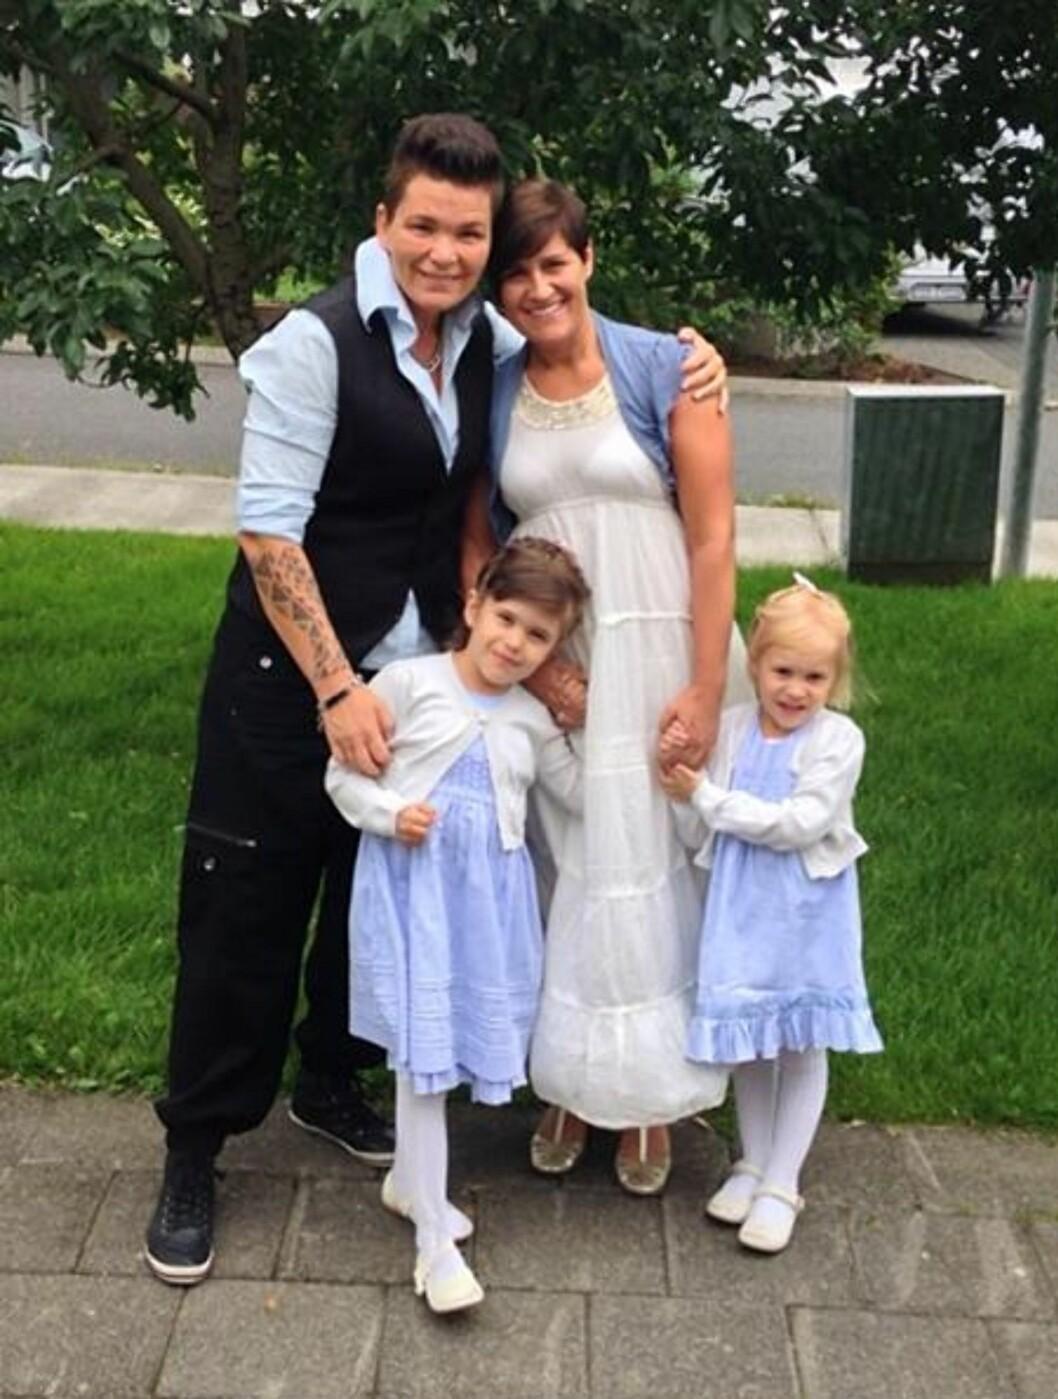 <strong>SAMME DONOR MEN FORSKJELLIG MOR:</strong> Dagny og Carina valgte å bære frem hvert sitt barn fra samme donor. Her sammen med døtrene Freyja Sól og Andrea Eik. Foto: Privat